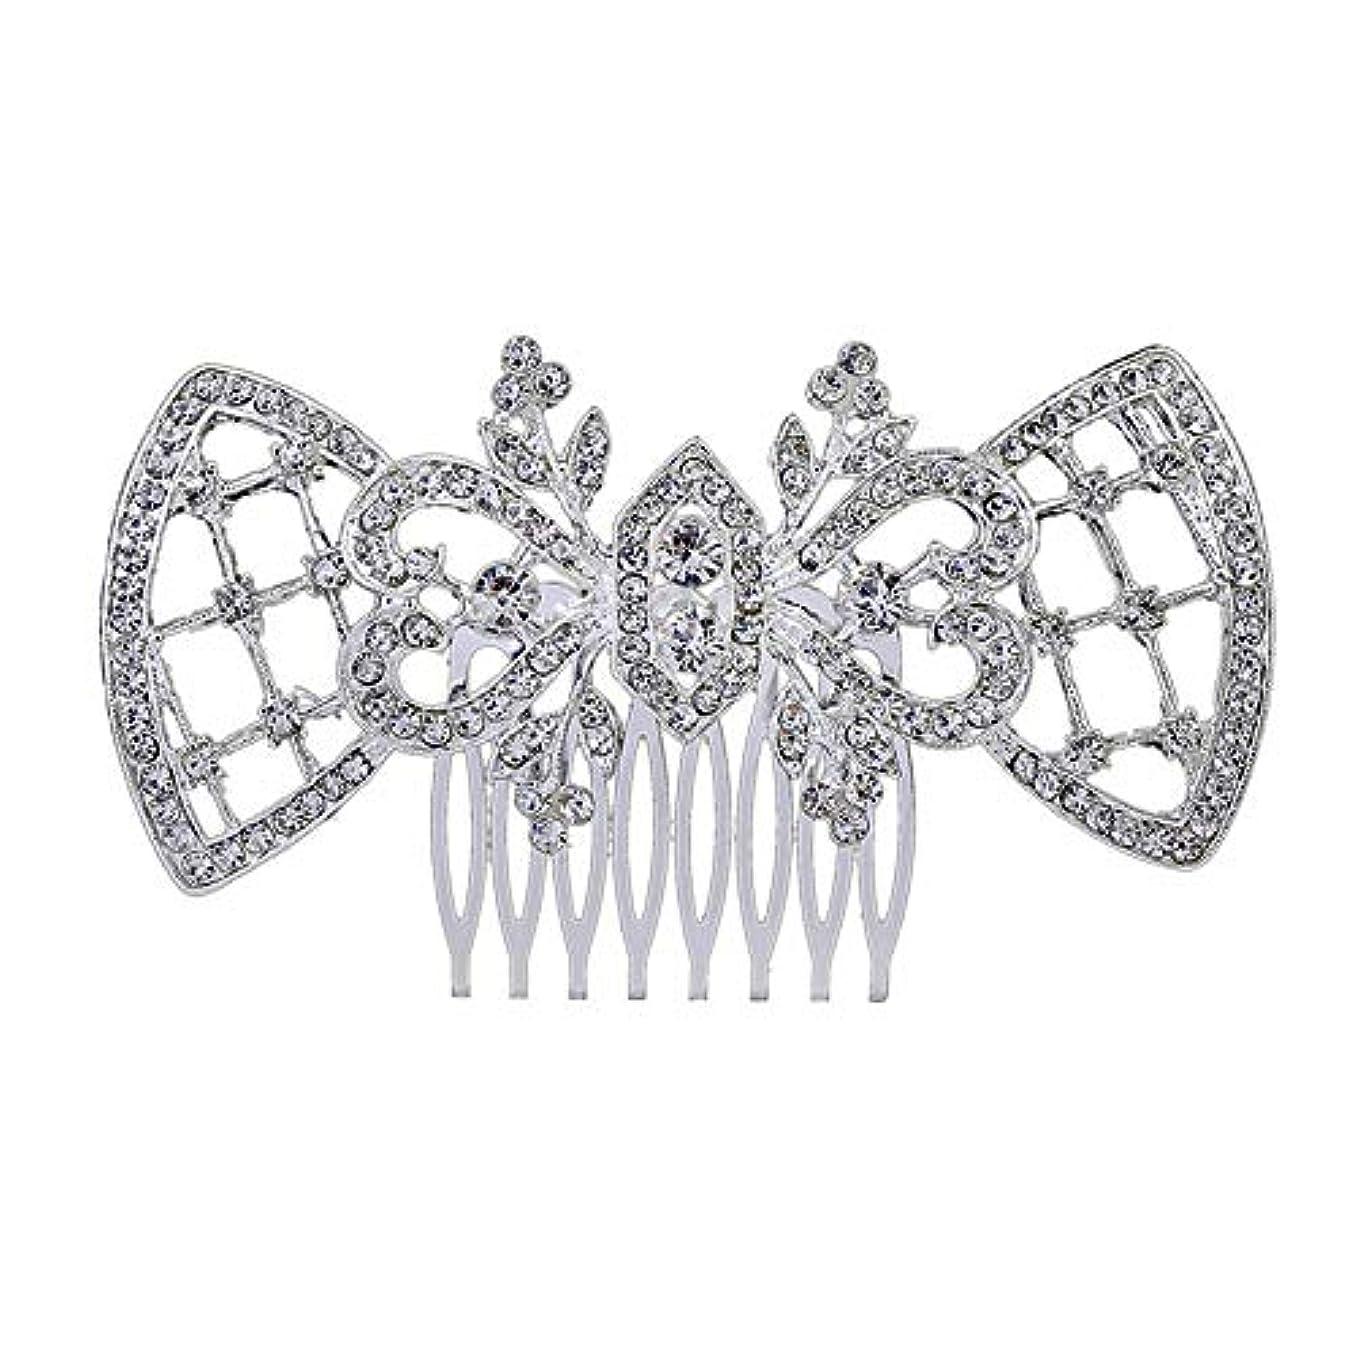 髪の櫛、櫛、ブライダル髪、髪の櫛、ハート形、ラインストーンの櫛、合金の帽子、結婚式のアクセサリー